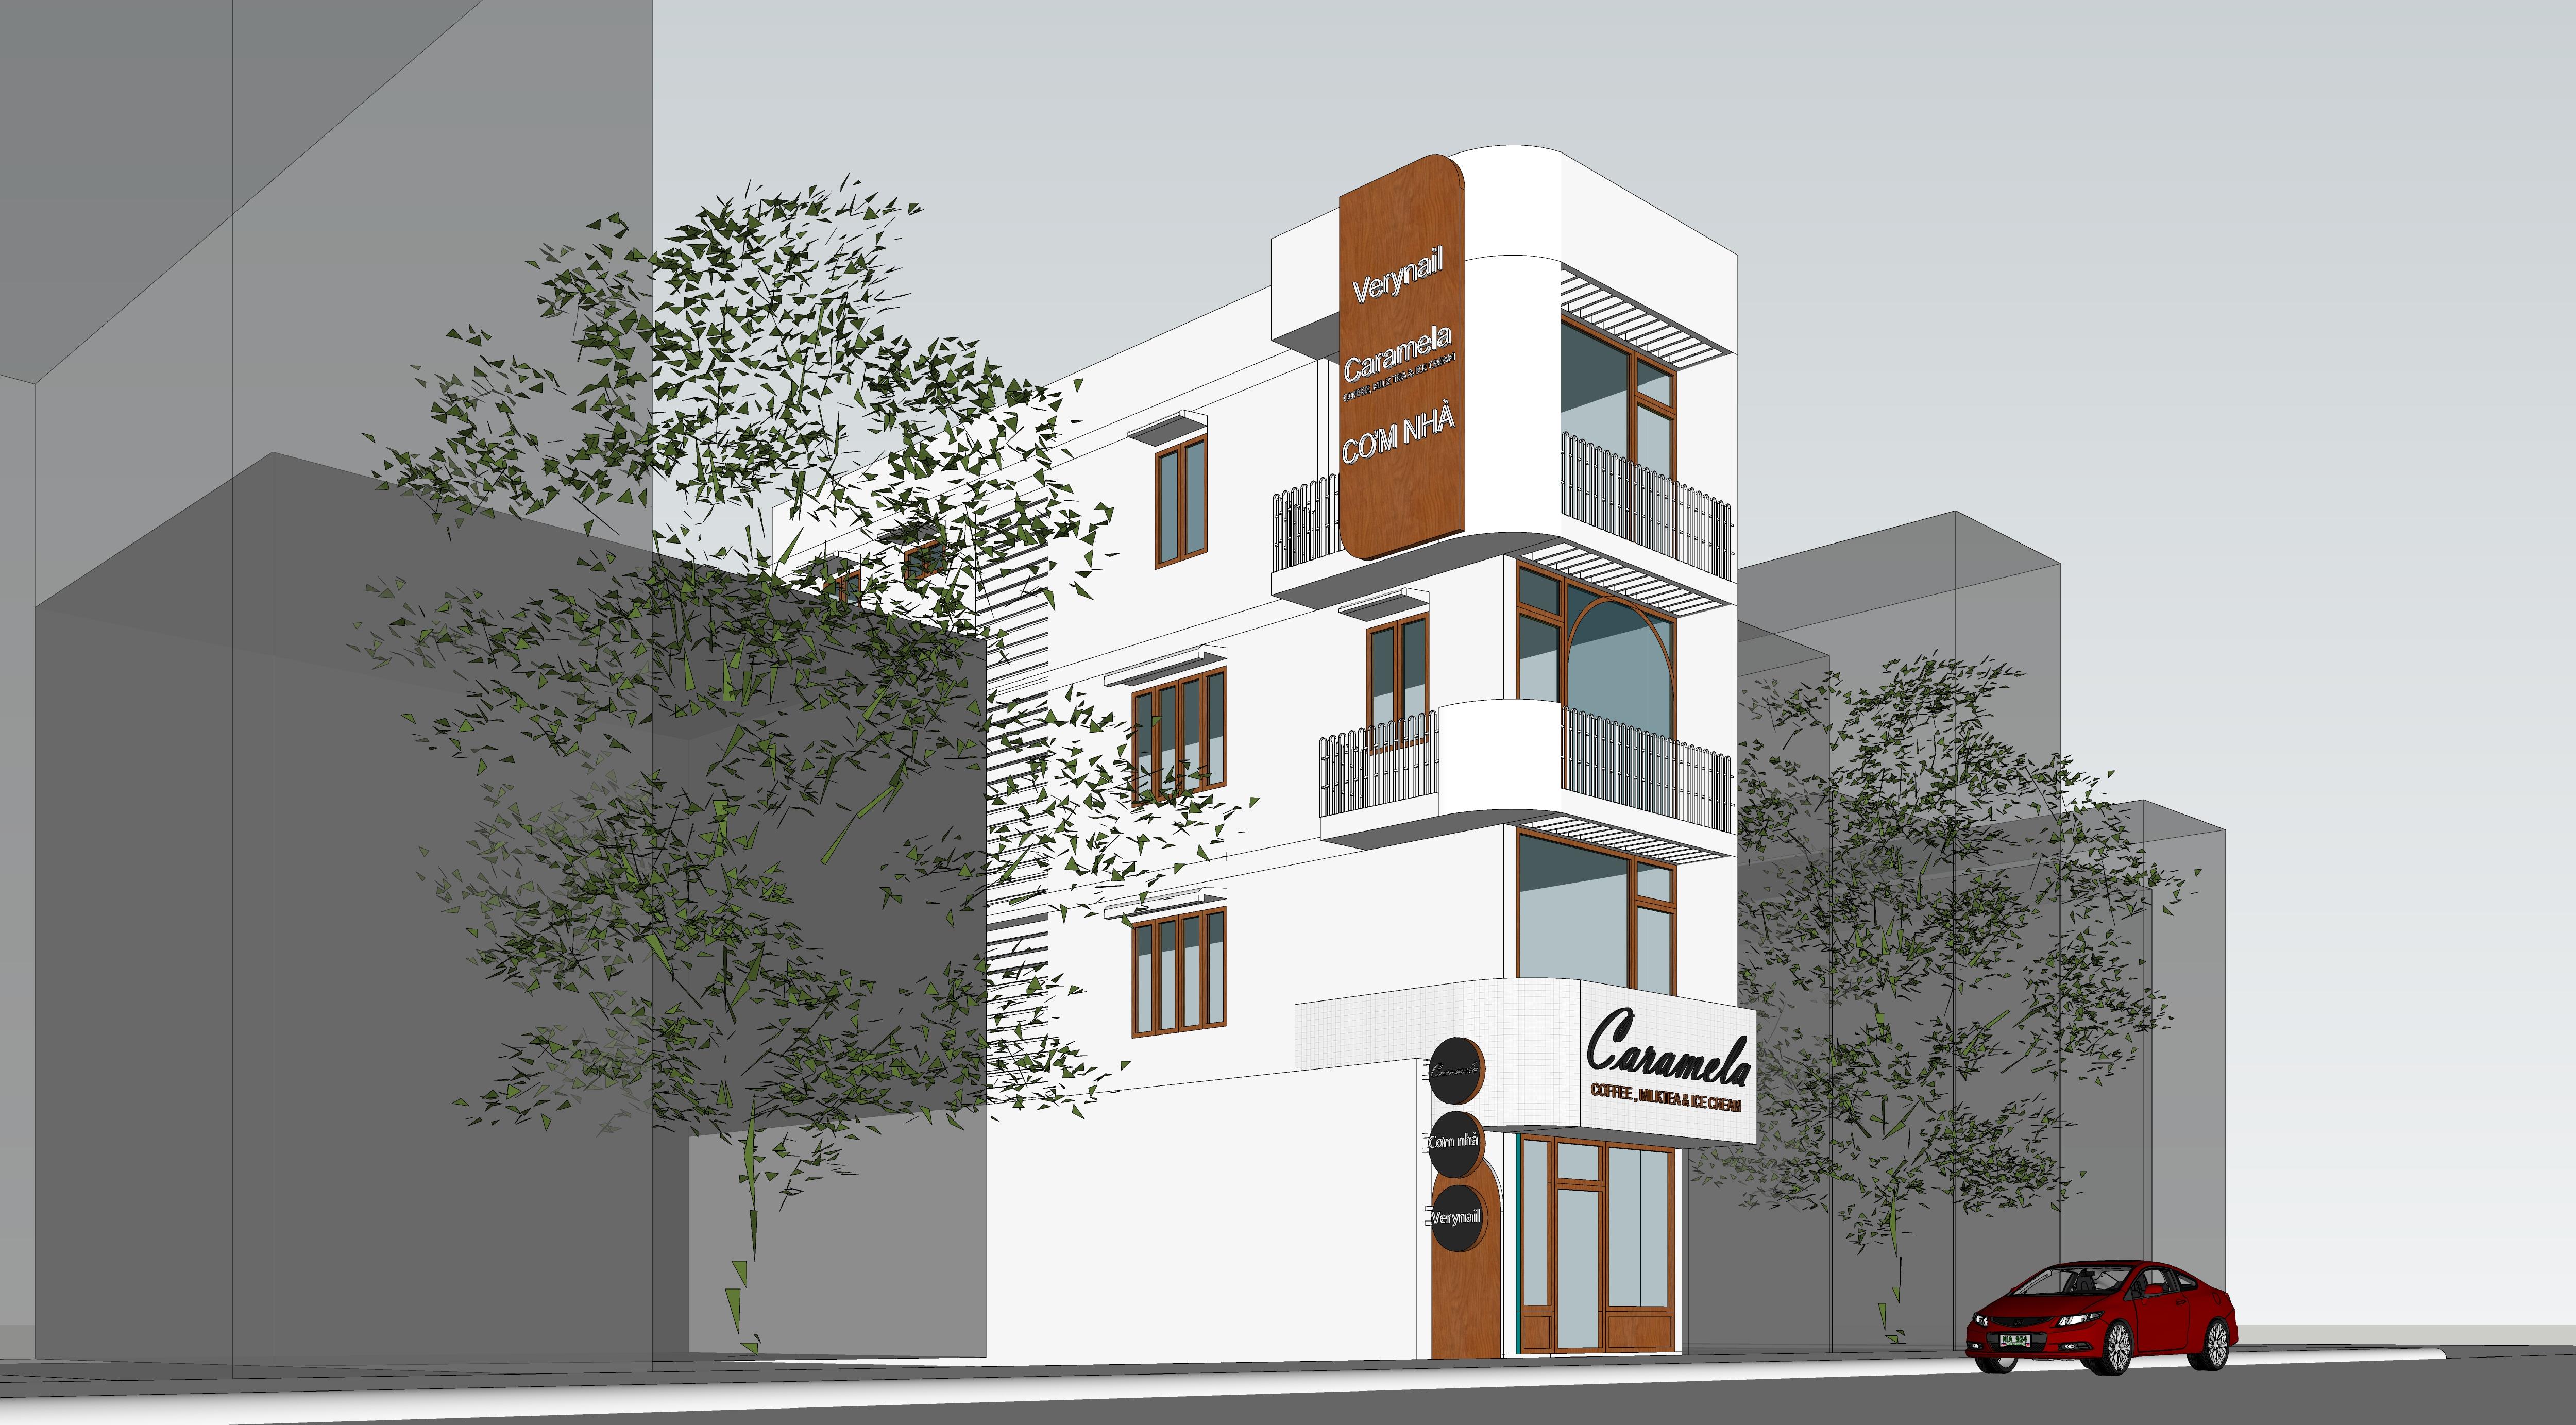 Thiết kế nội thất Cafe tại Hồ Chí Minh Coffee Caramela 1574832886 5